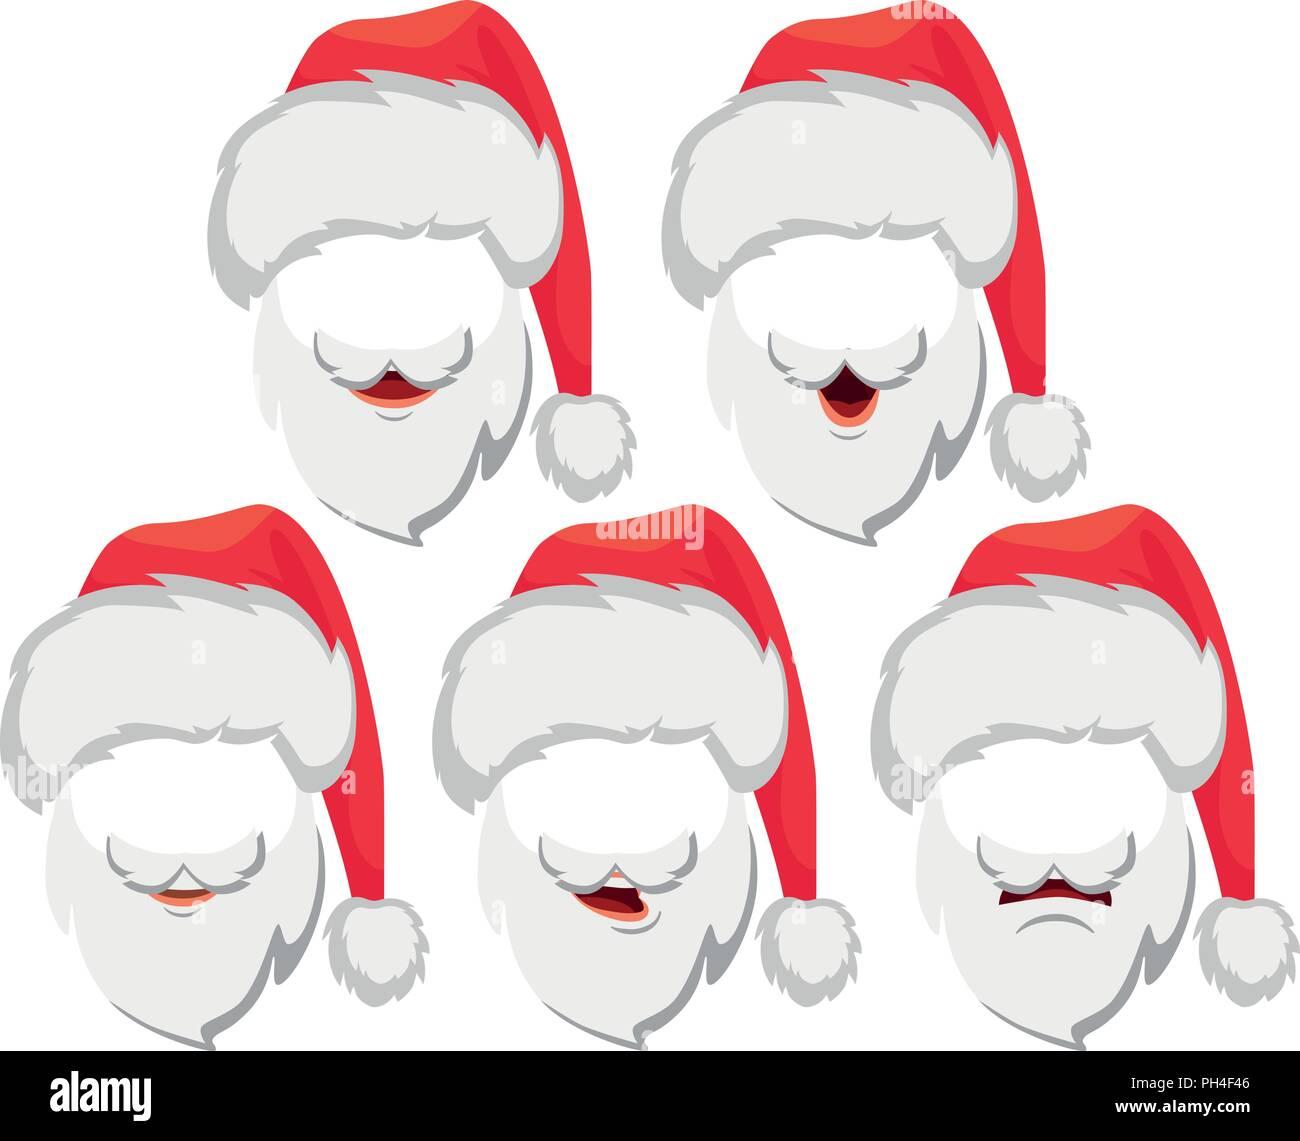 1100902fa7988 Santa Claus hat and beard. Santa Claus vector illustration Stock ...